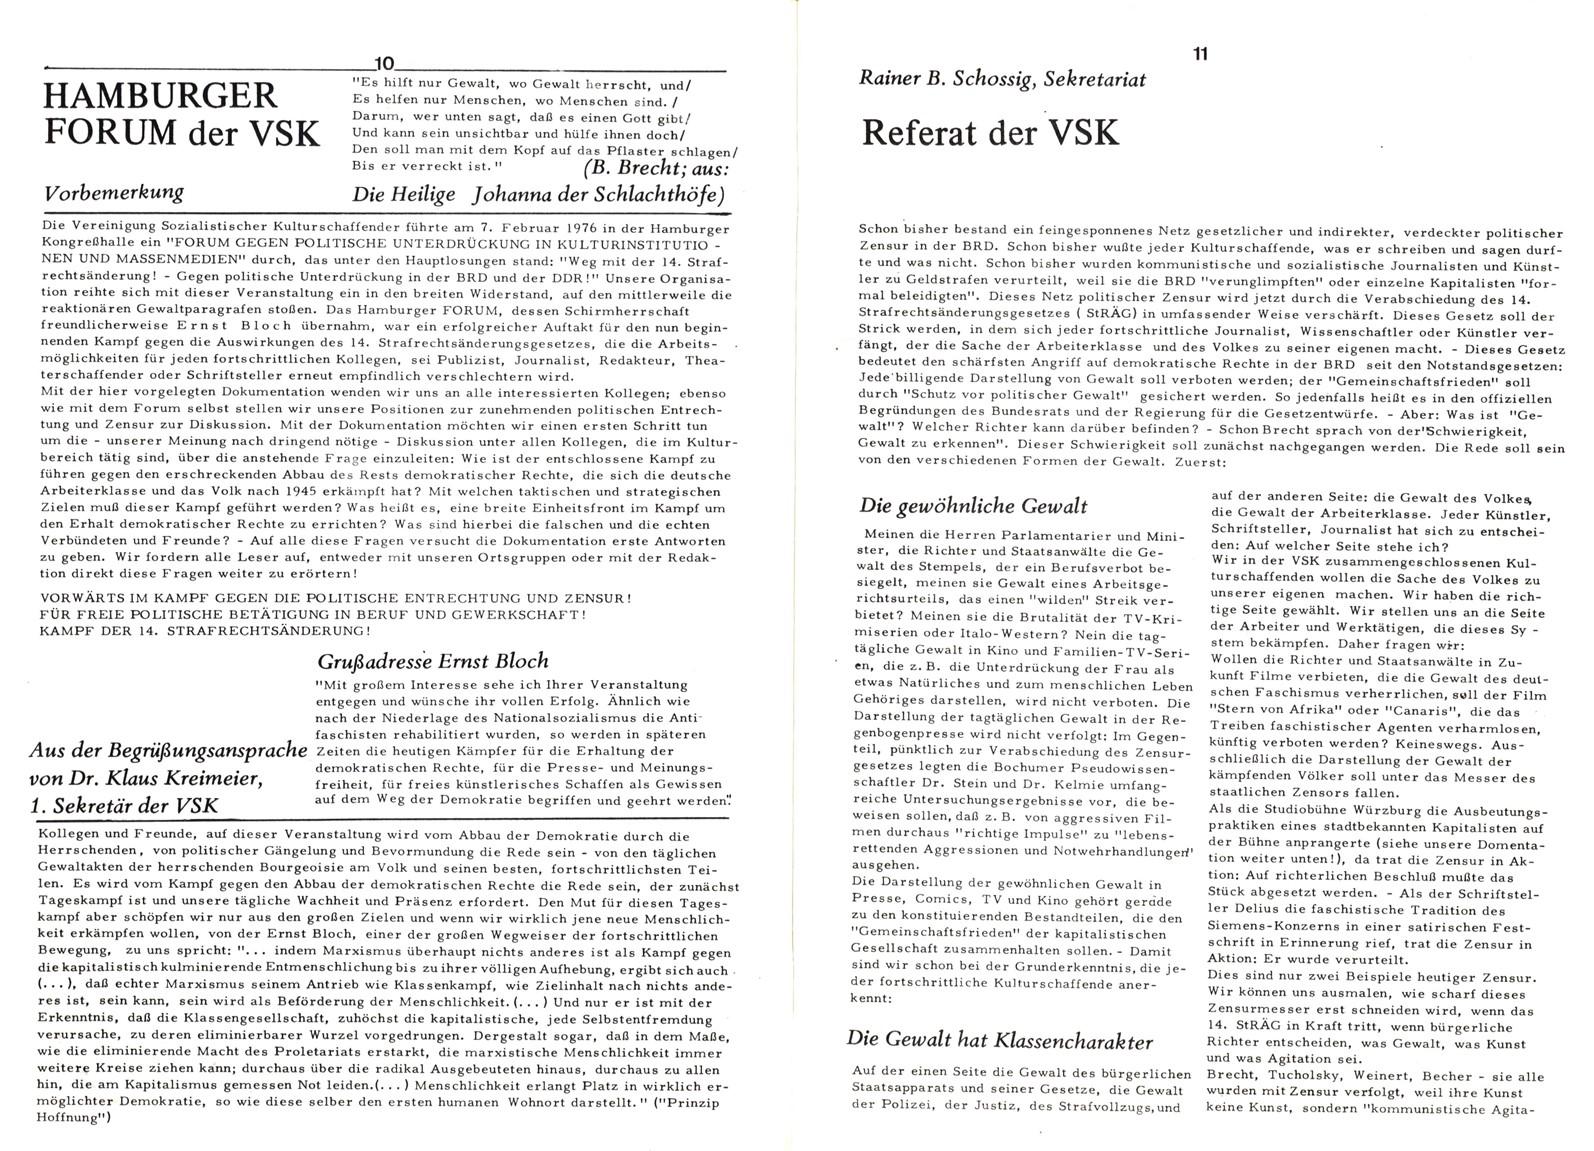 VSK_Kaempfende_Kunst_19760200_Sonderdruck_06